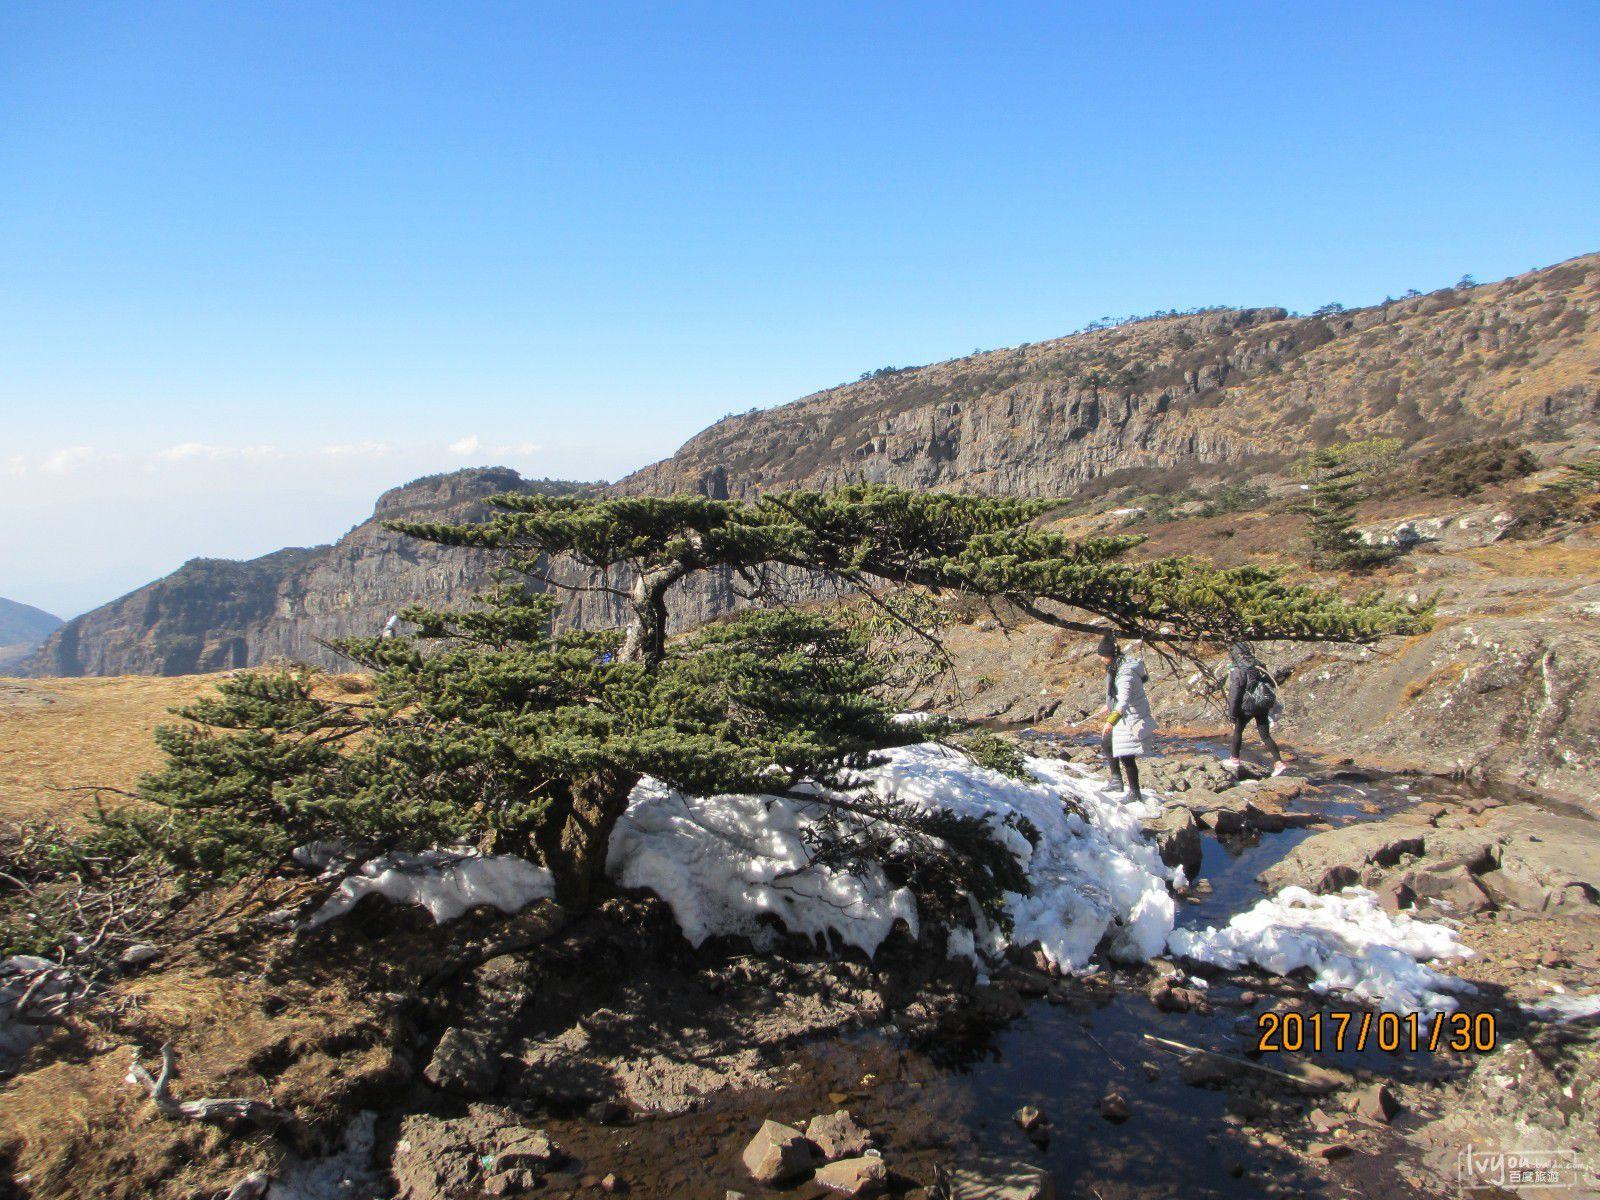 云南省乌蒙娇子雪山,东川红土地,弥勒2017年二月郁金香